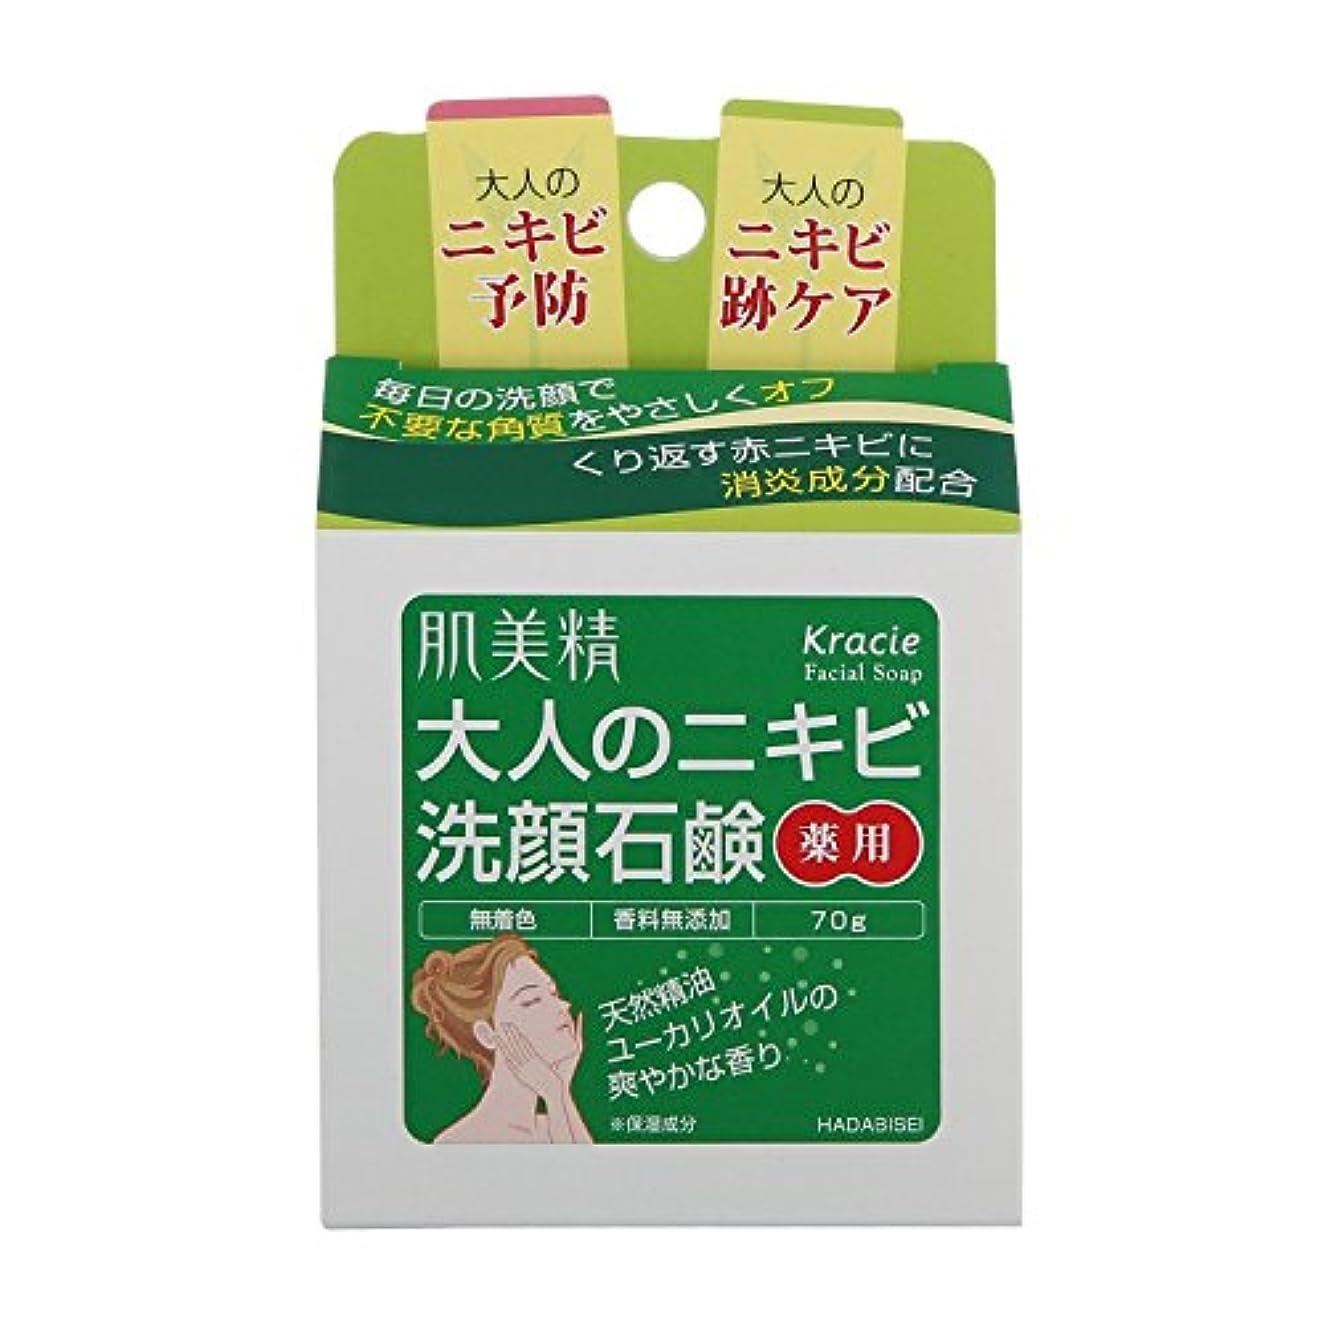 被る膨らませる値する肌美精 大人のニキビ 薬用洗顔石鹸 70g ×6点セット